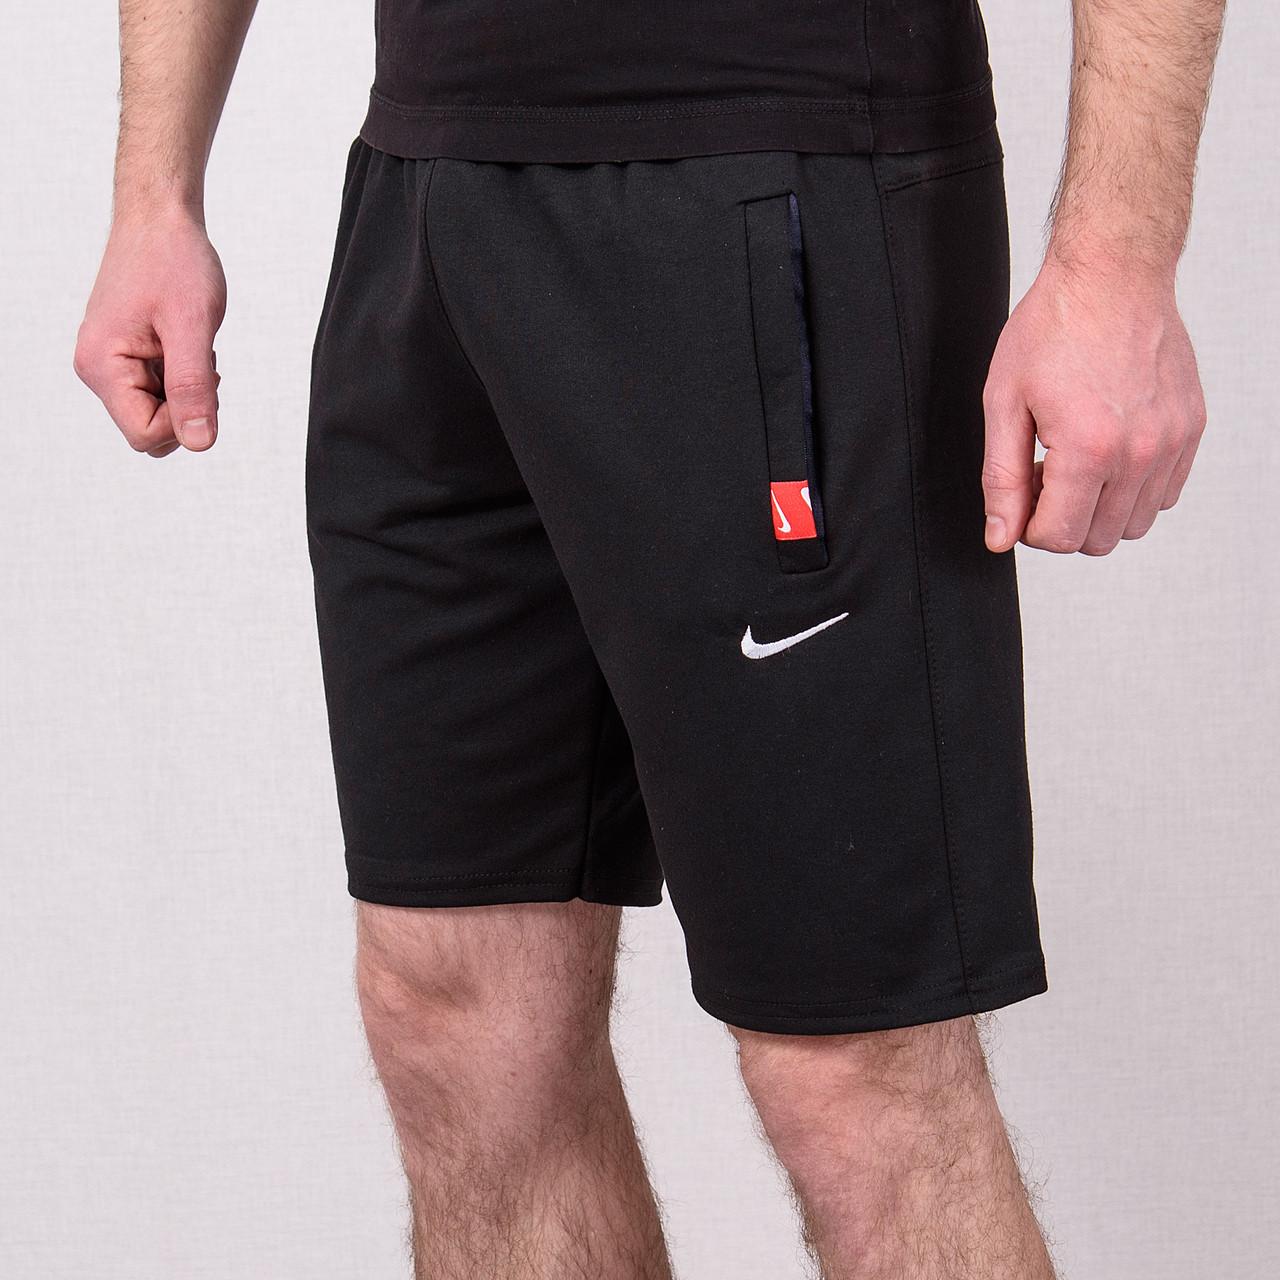 Чоловічі трикотажні шорти NIKE, чорного кольору